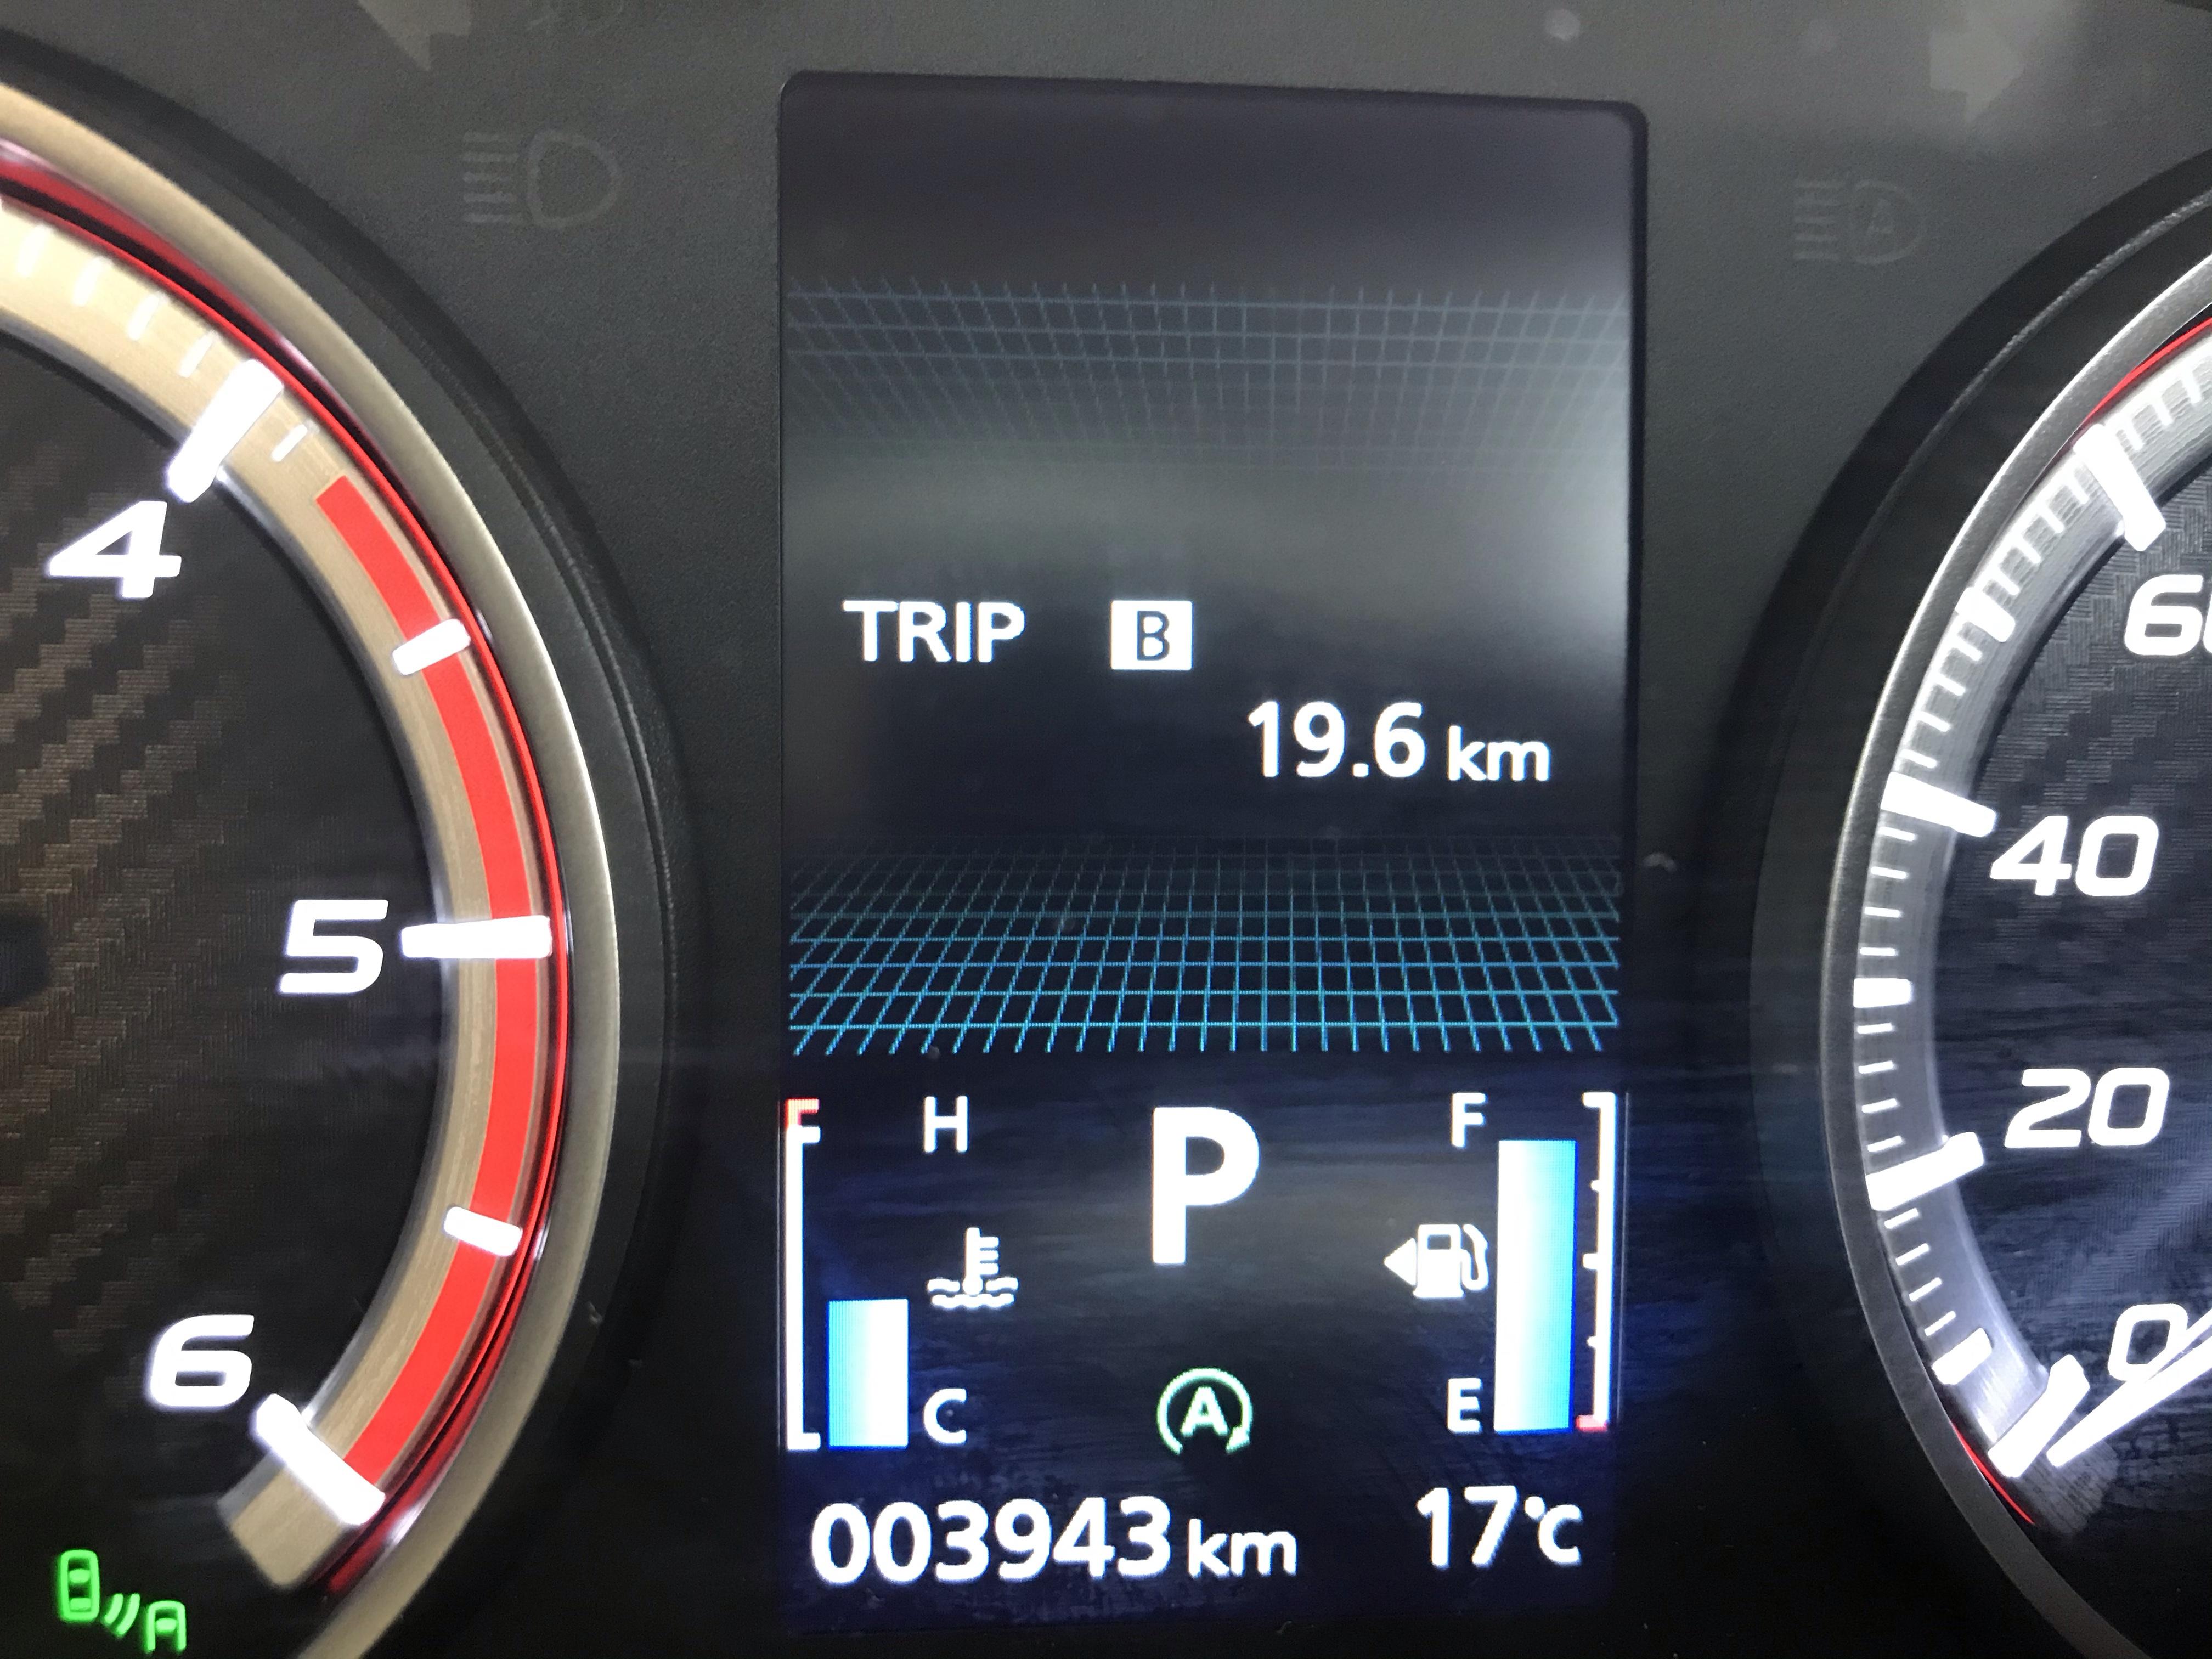 デリカd5 燃費